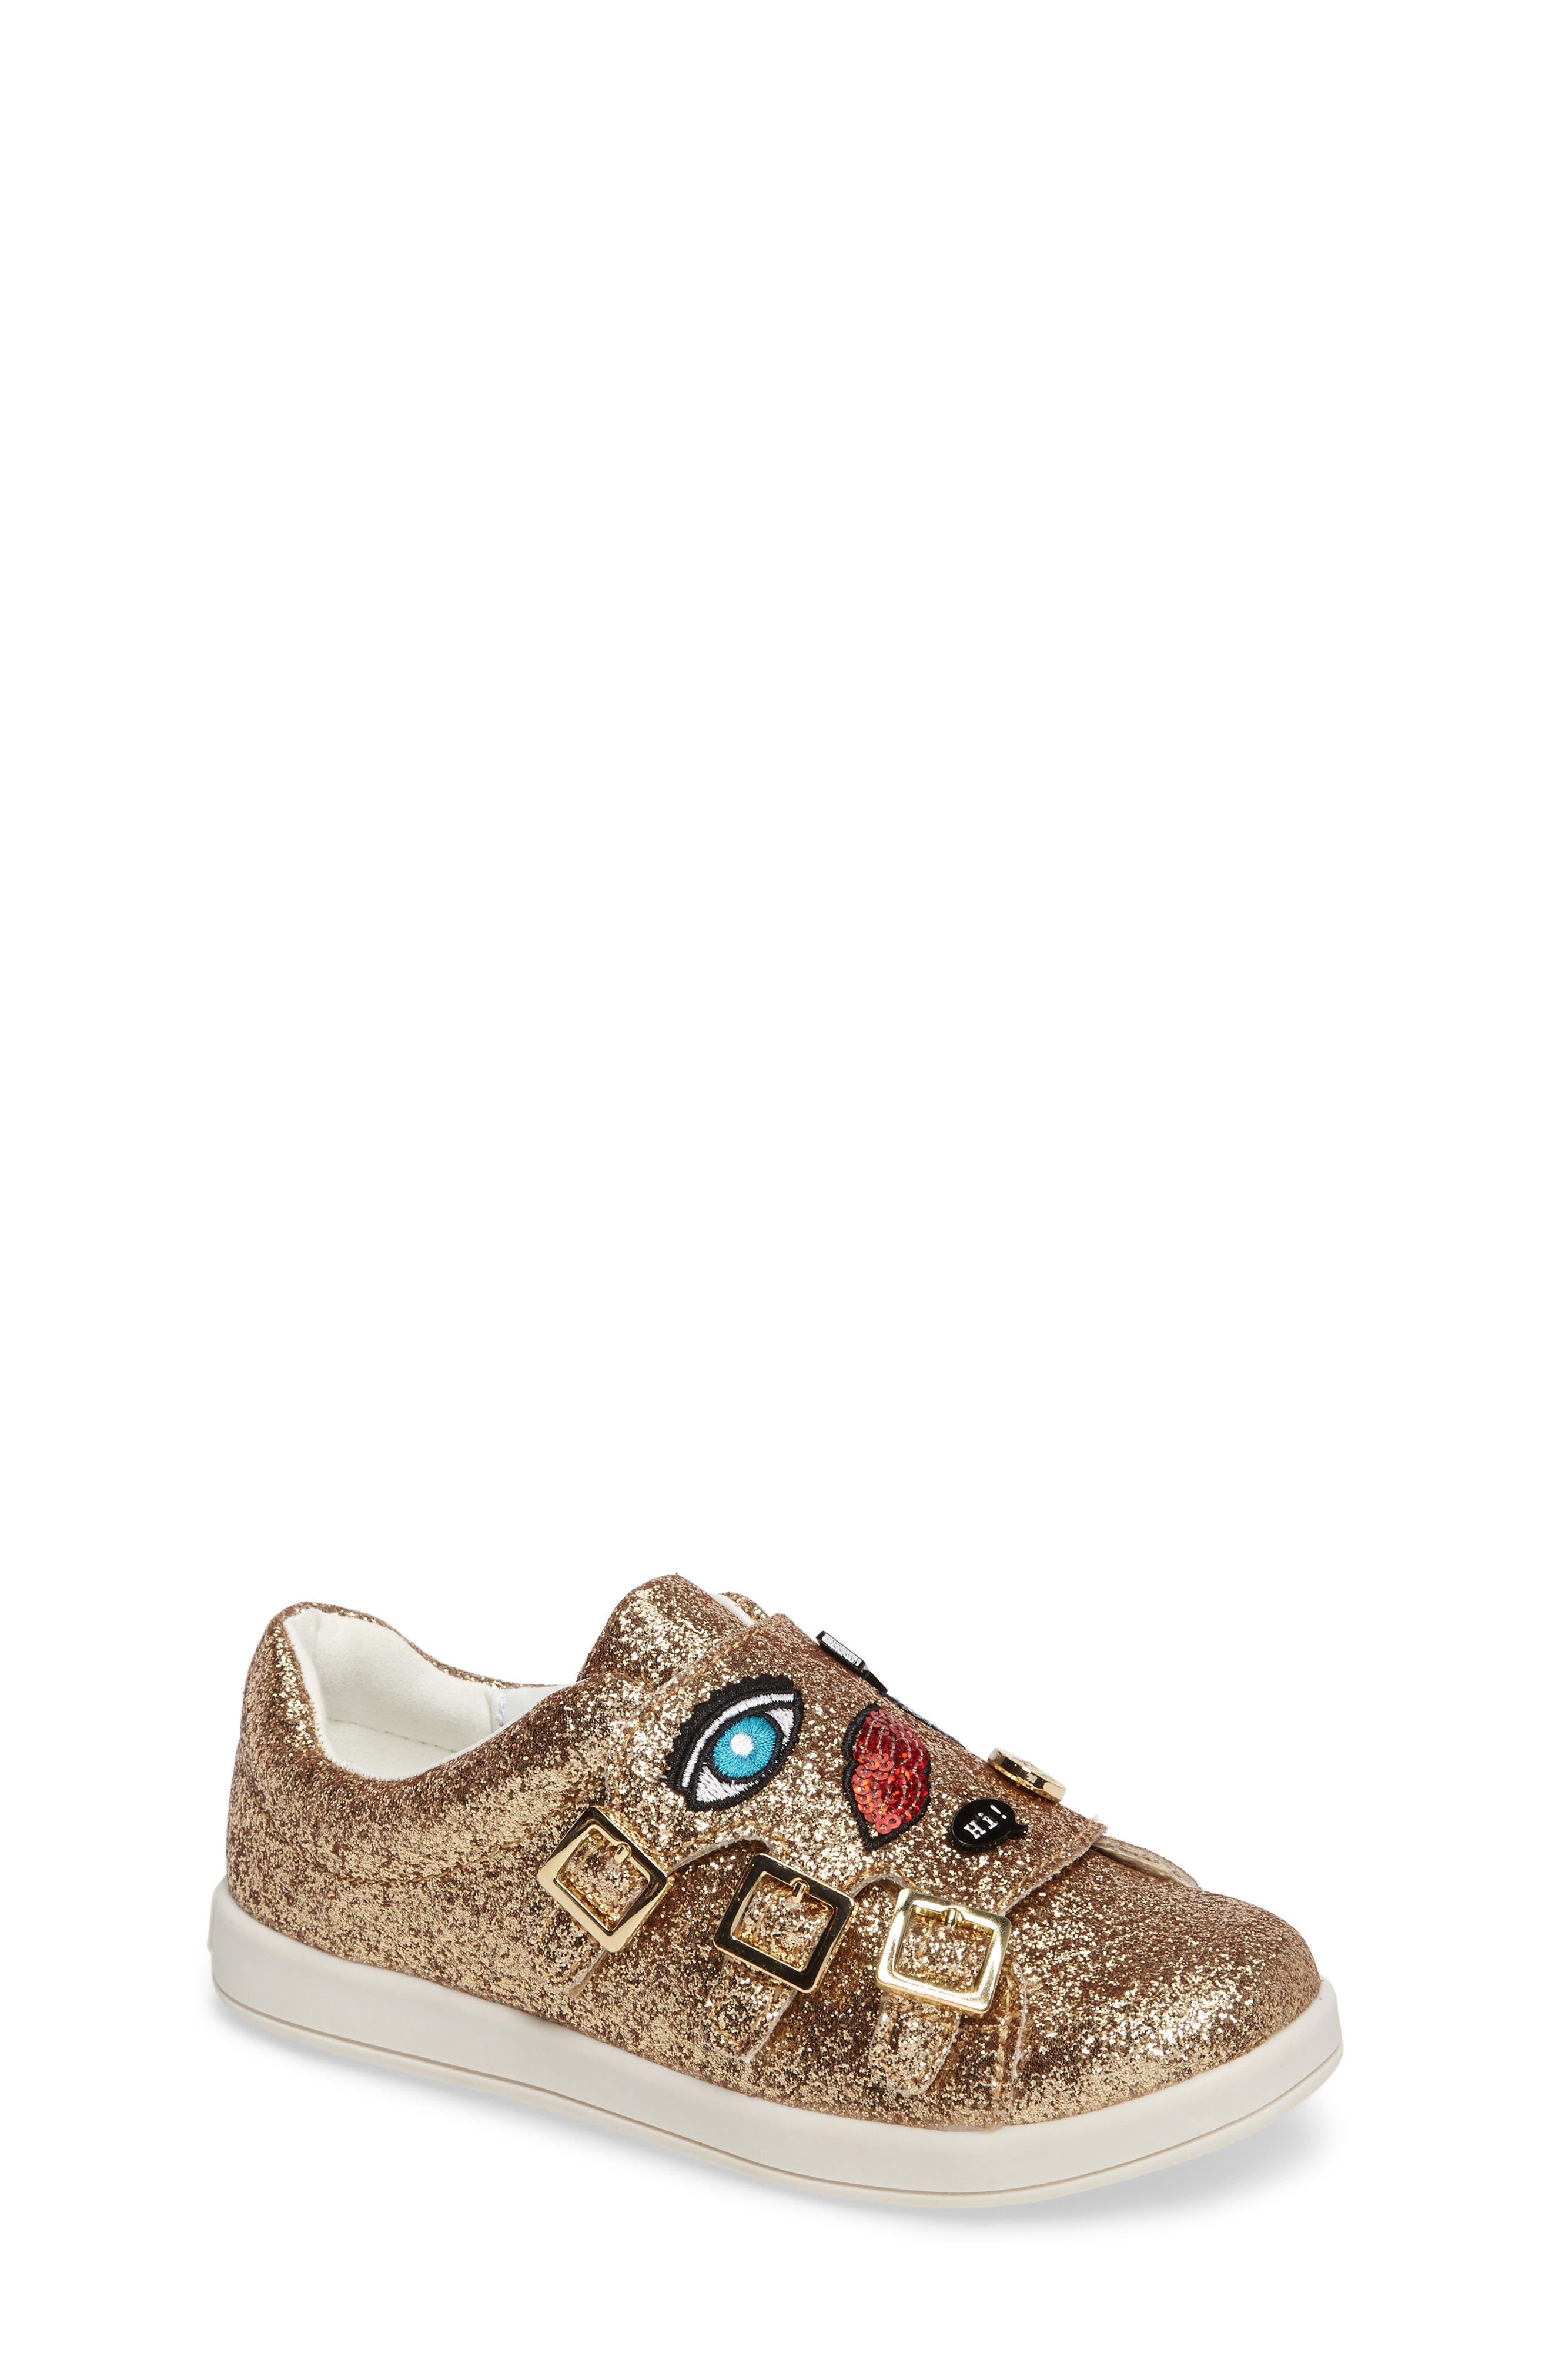 Sam Edelman Liv Wendy Glitter Emoji Sneaker (Walker, Toddler, Little Kid & Big Kid)